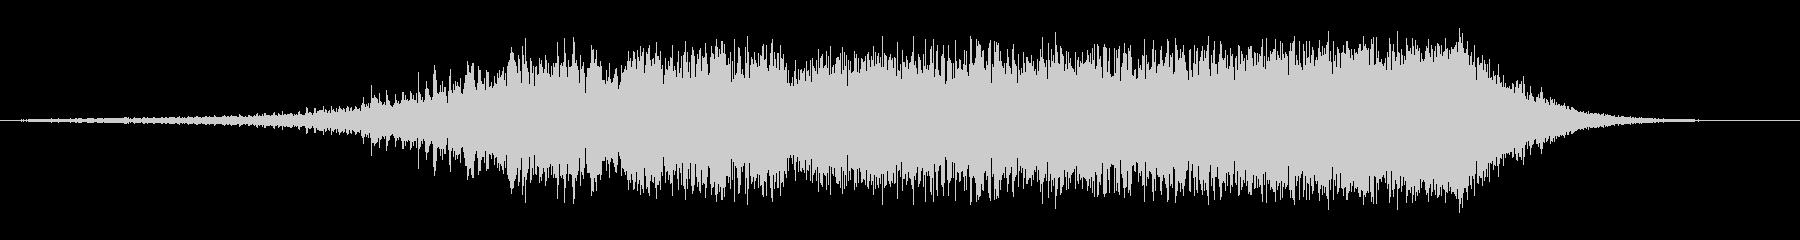 ビッグピアススイープの未再生の波形